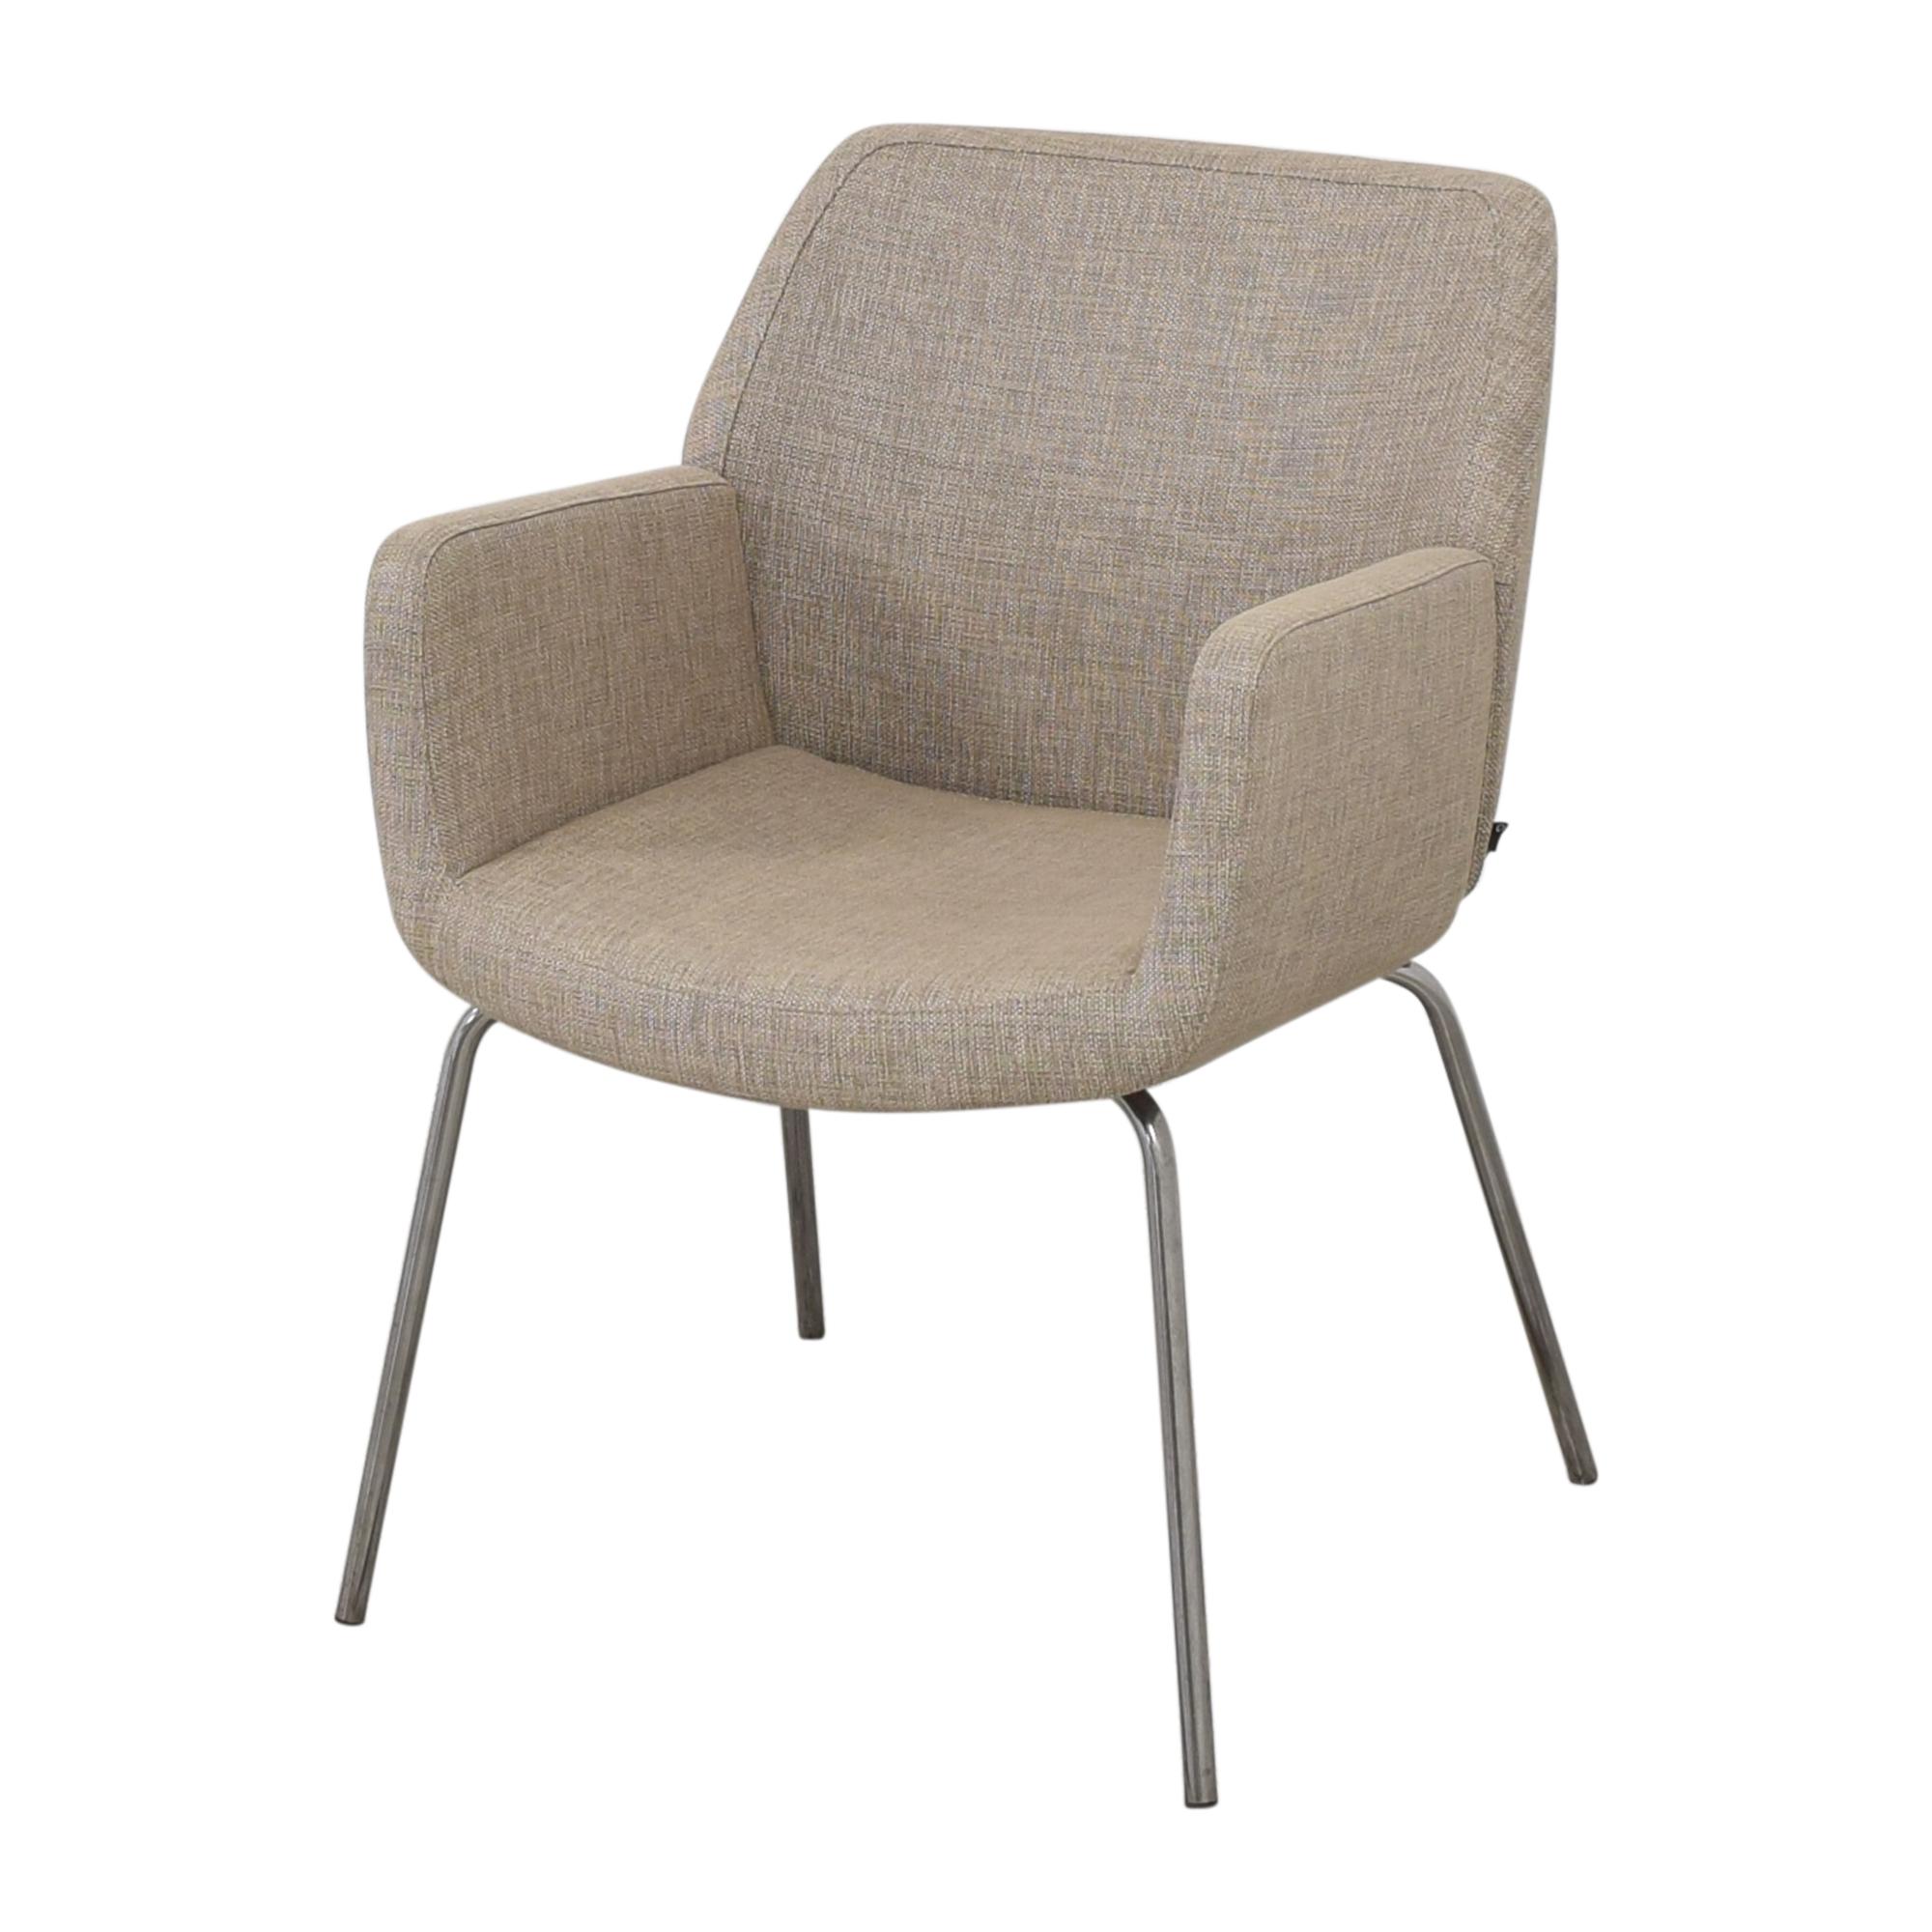 Steelcase Steelcaase Coalesse Bindu Side Chair nj